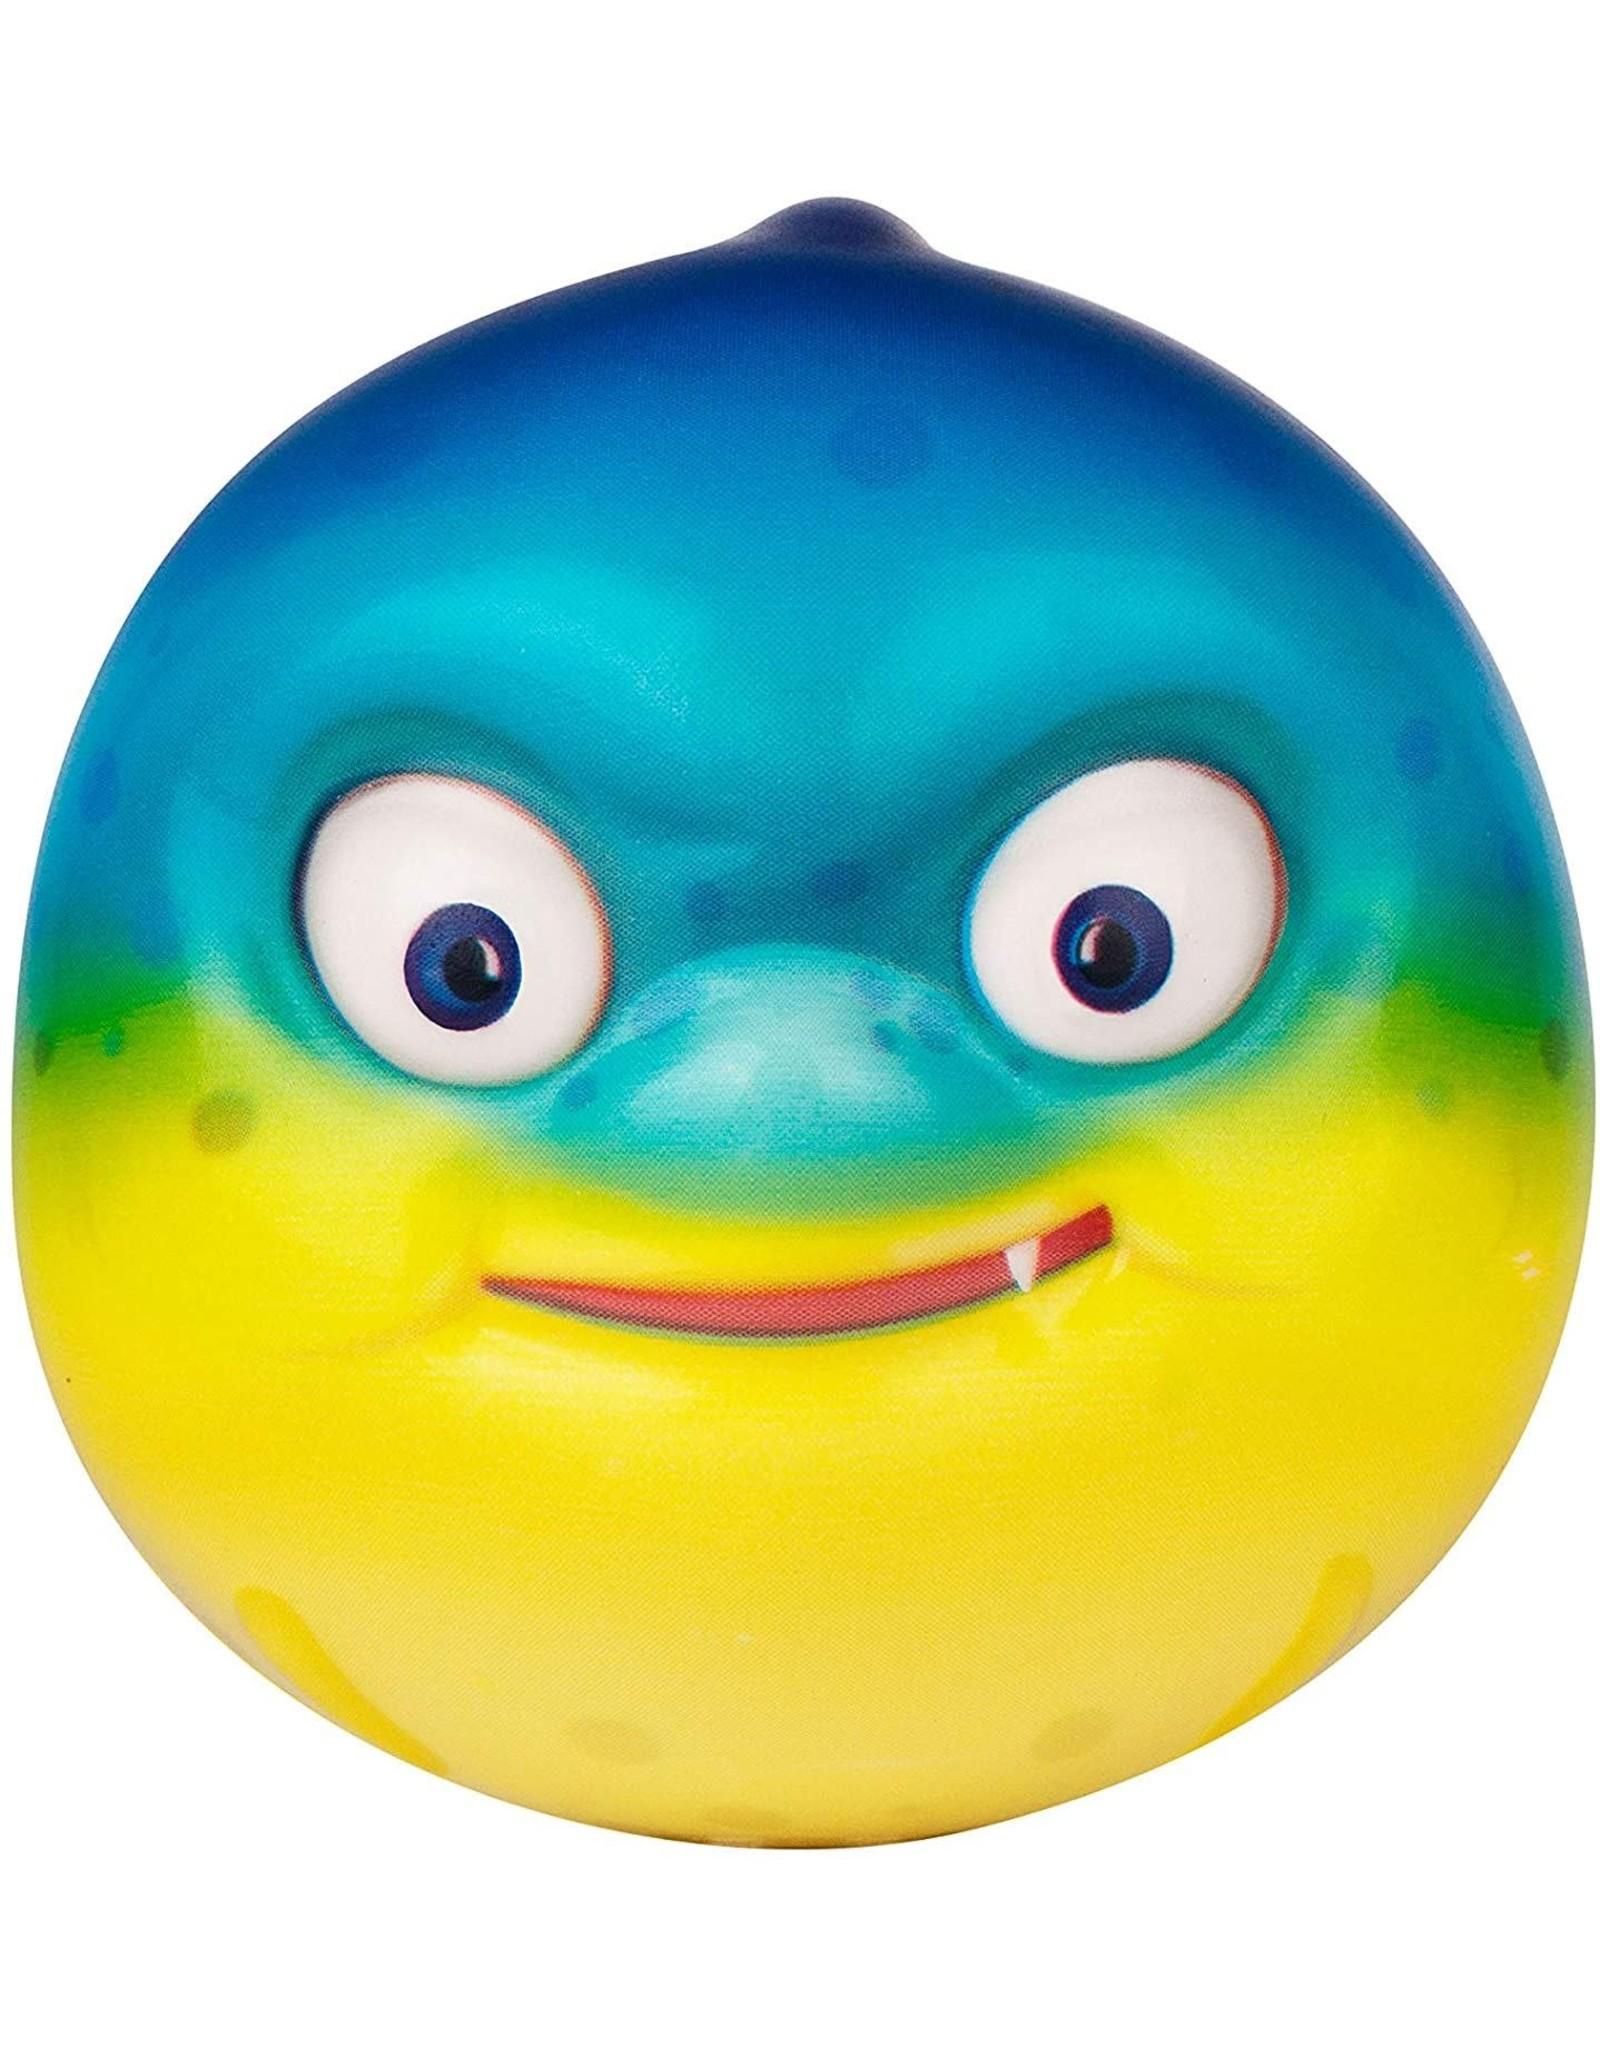 Seanimal Ball - blue and yellow mahi